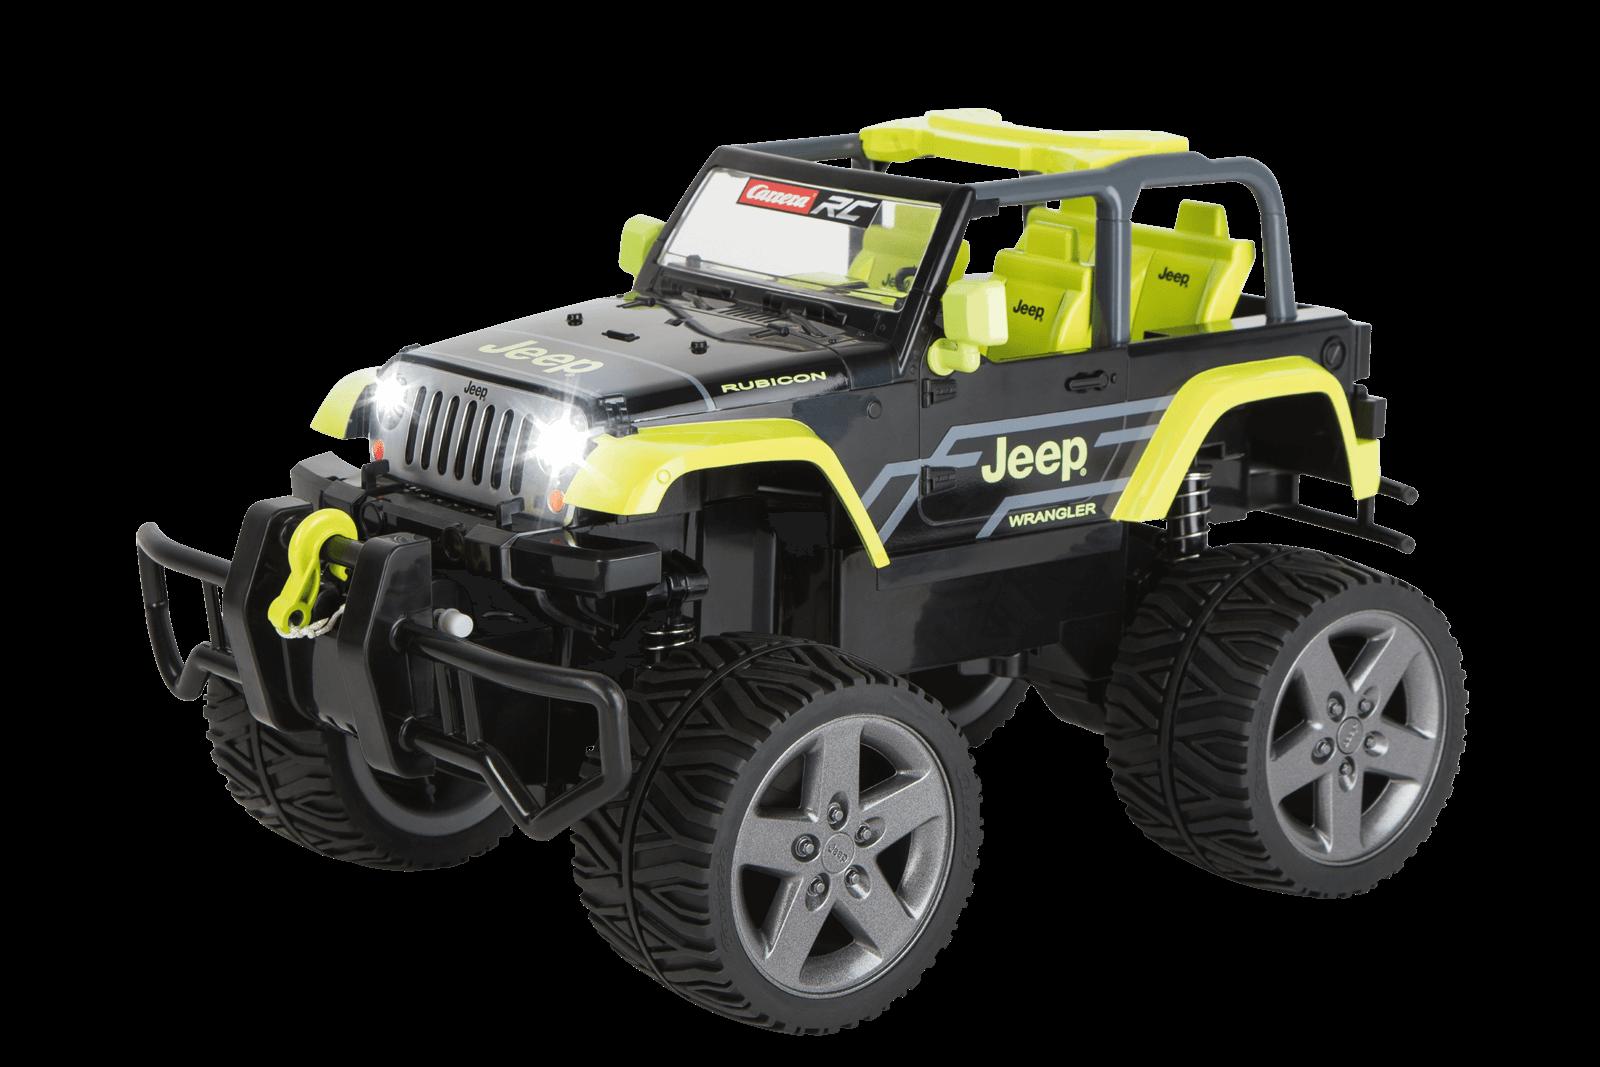 Jeepr Wrangler Rubicon Green 370162104 Carrera Slotcar Rc Jeep Film